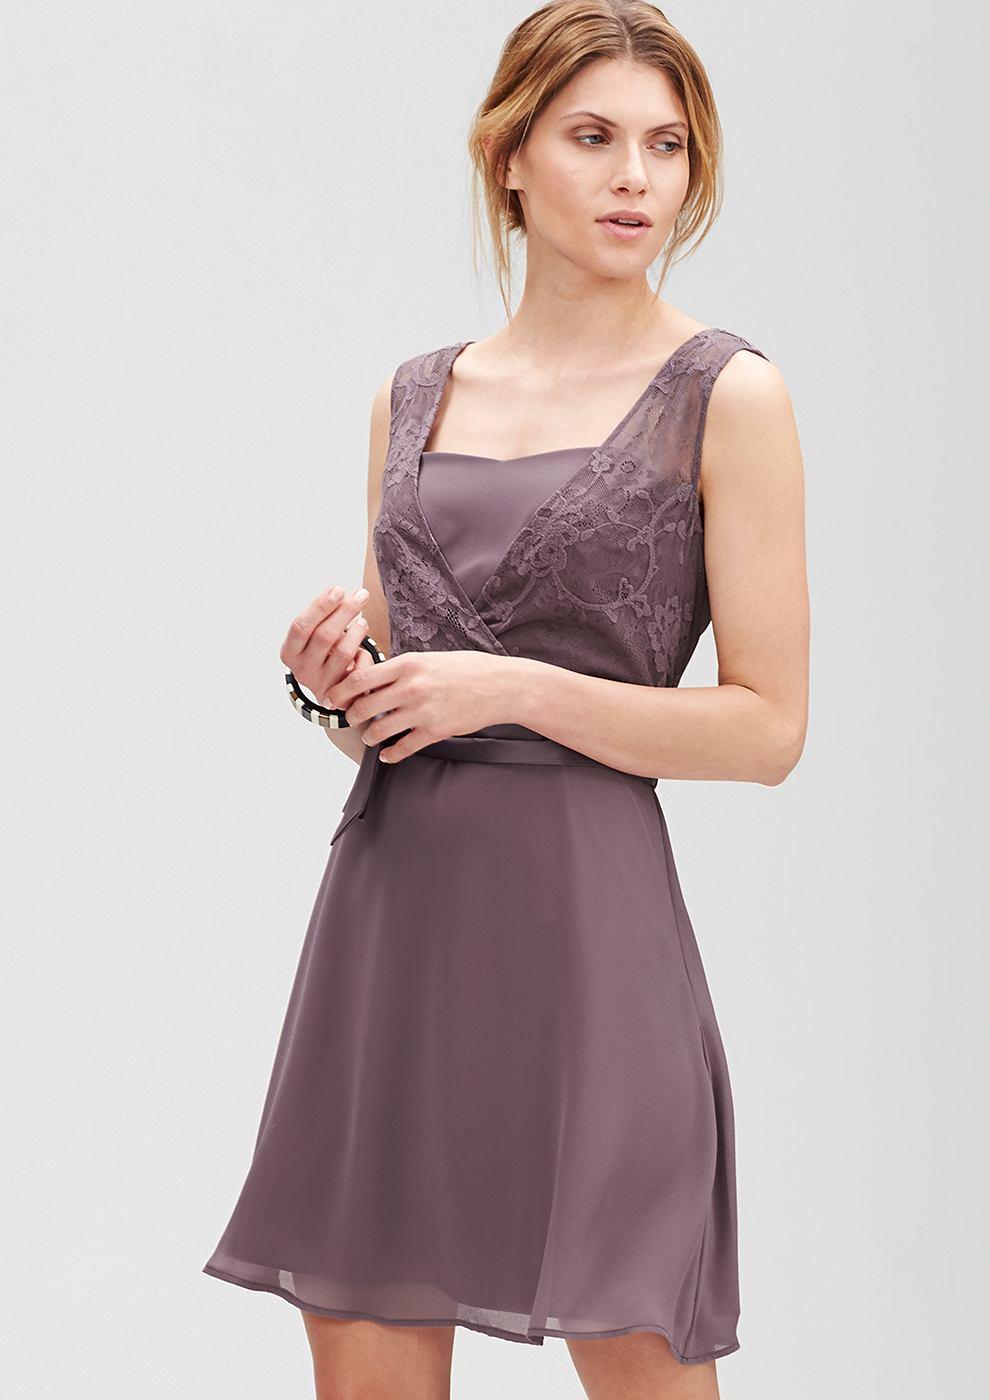 s.Oliver Premium jurk met kant en laagjeseffect paars